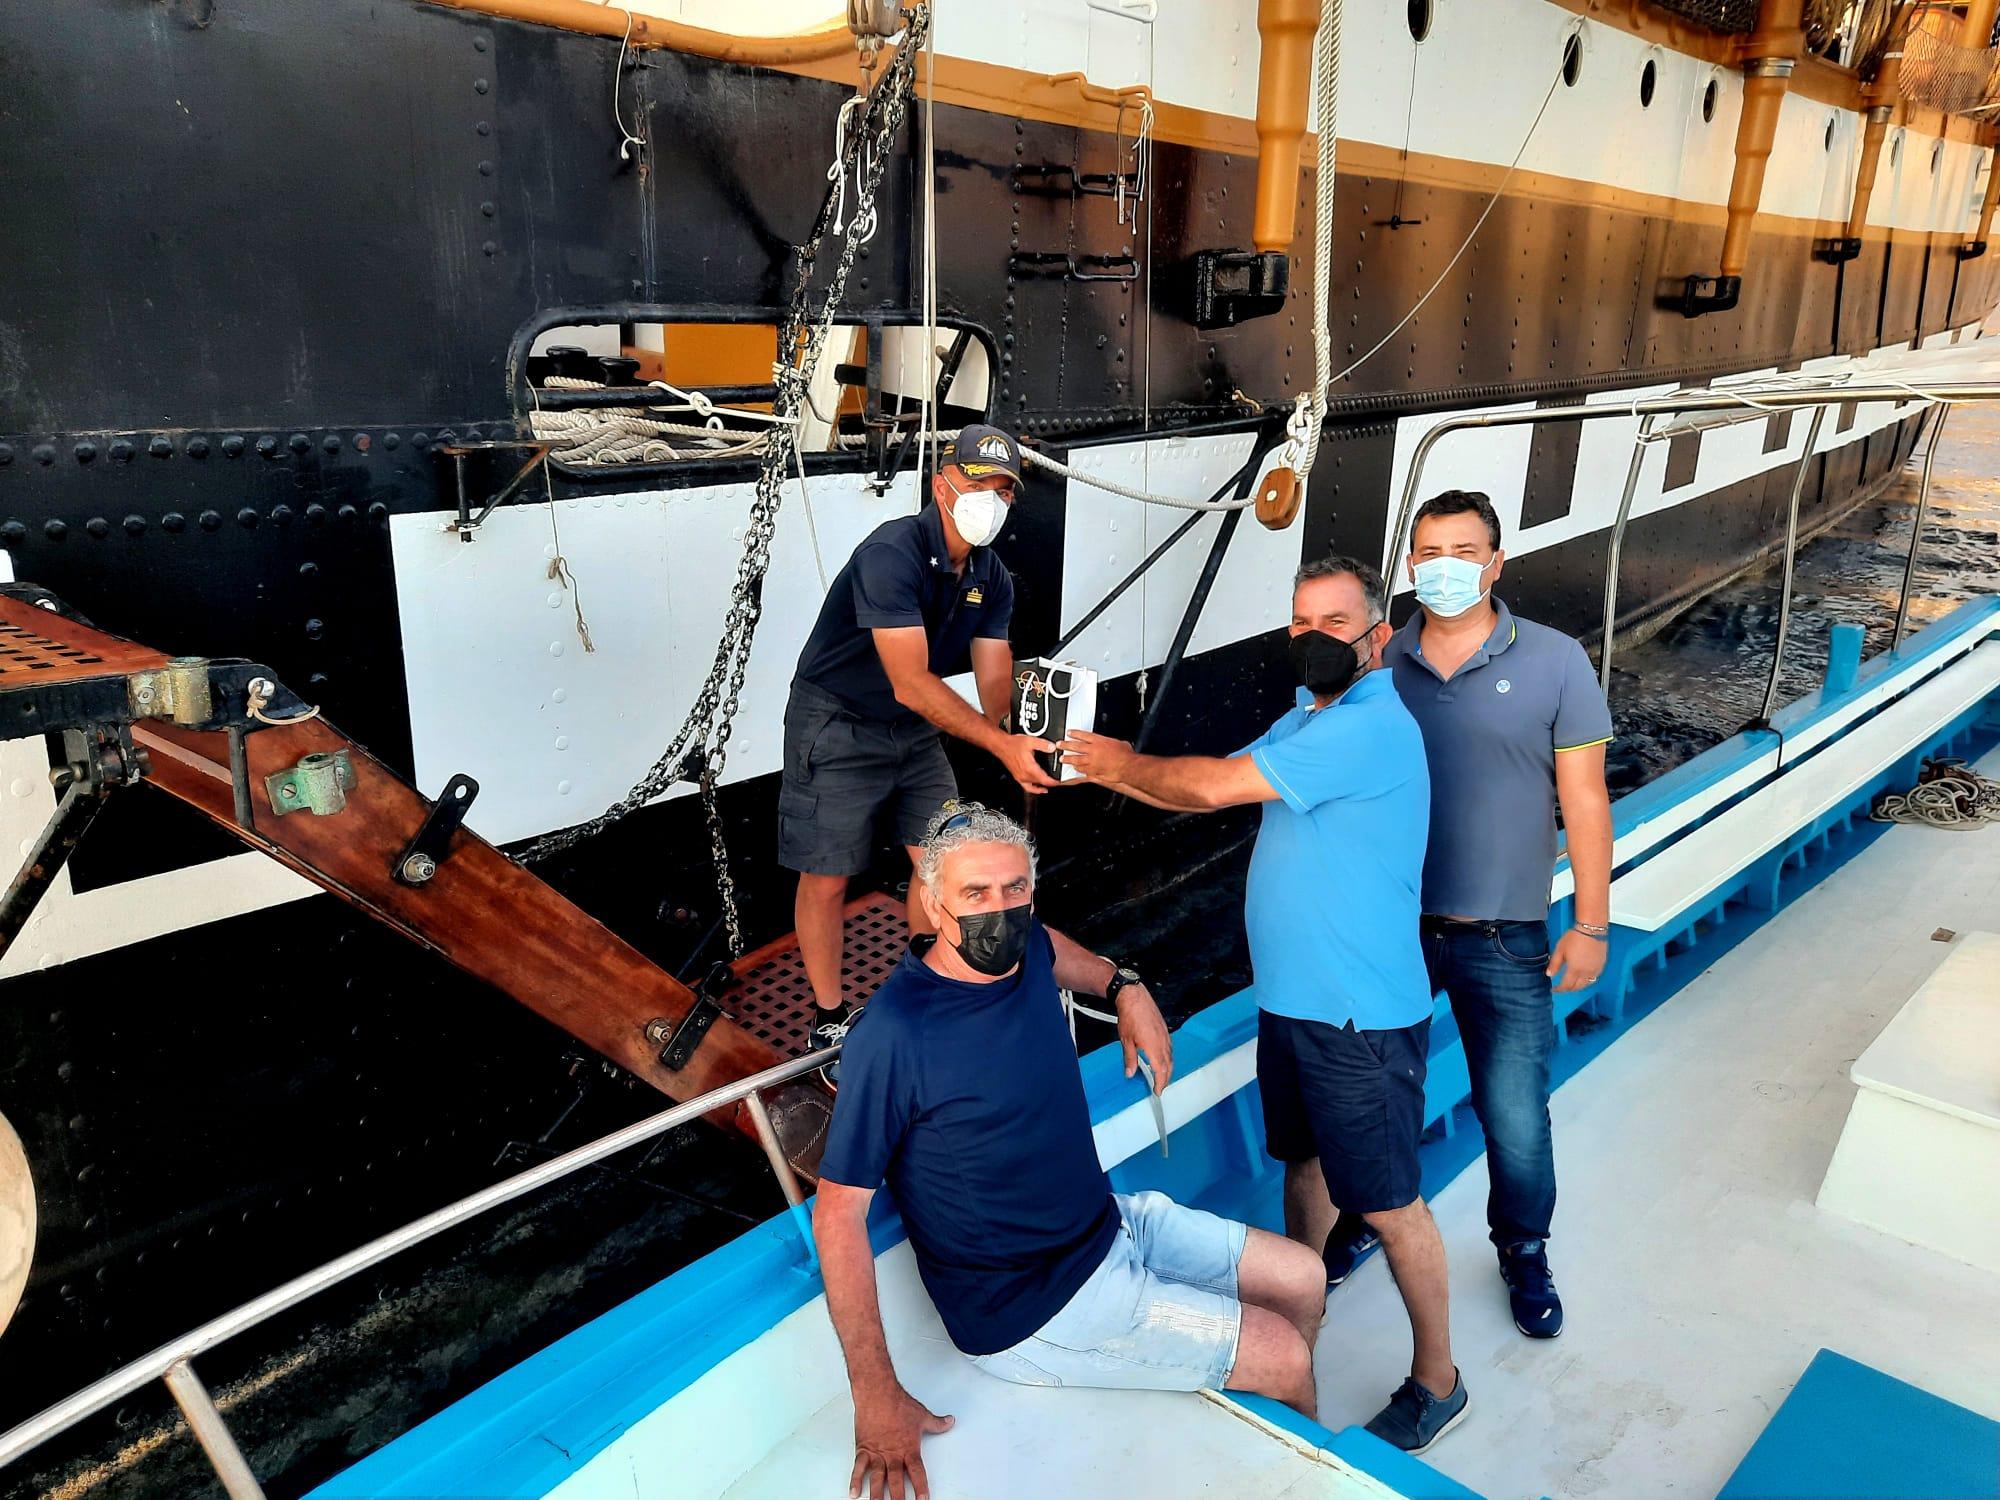 La nave scuola Palinuro nel Cilento: «Una sorpresa gradita, forse nuova sosta a luglio»